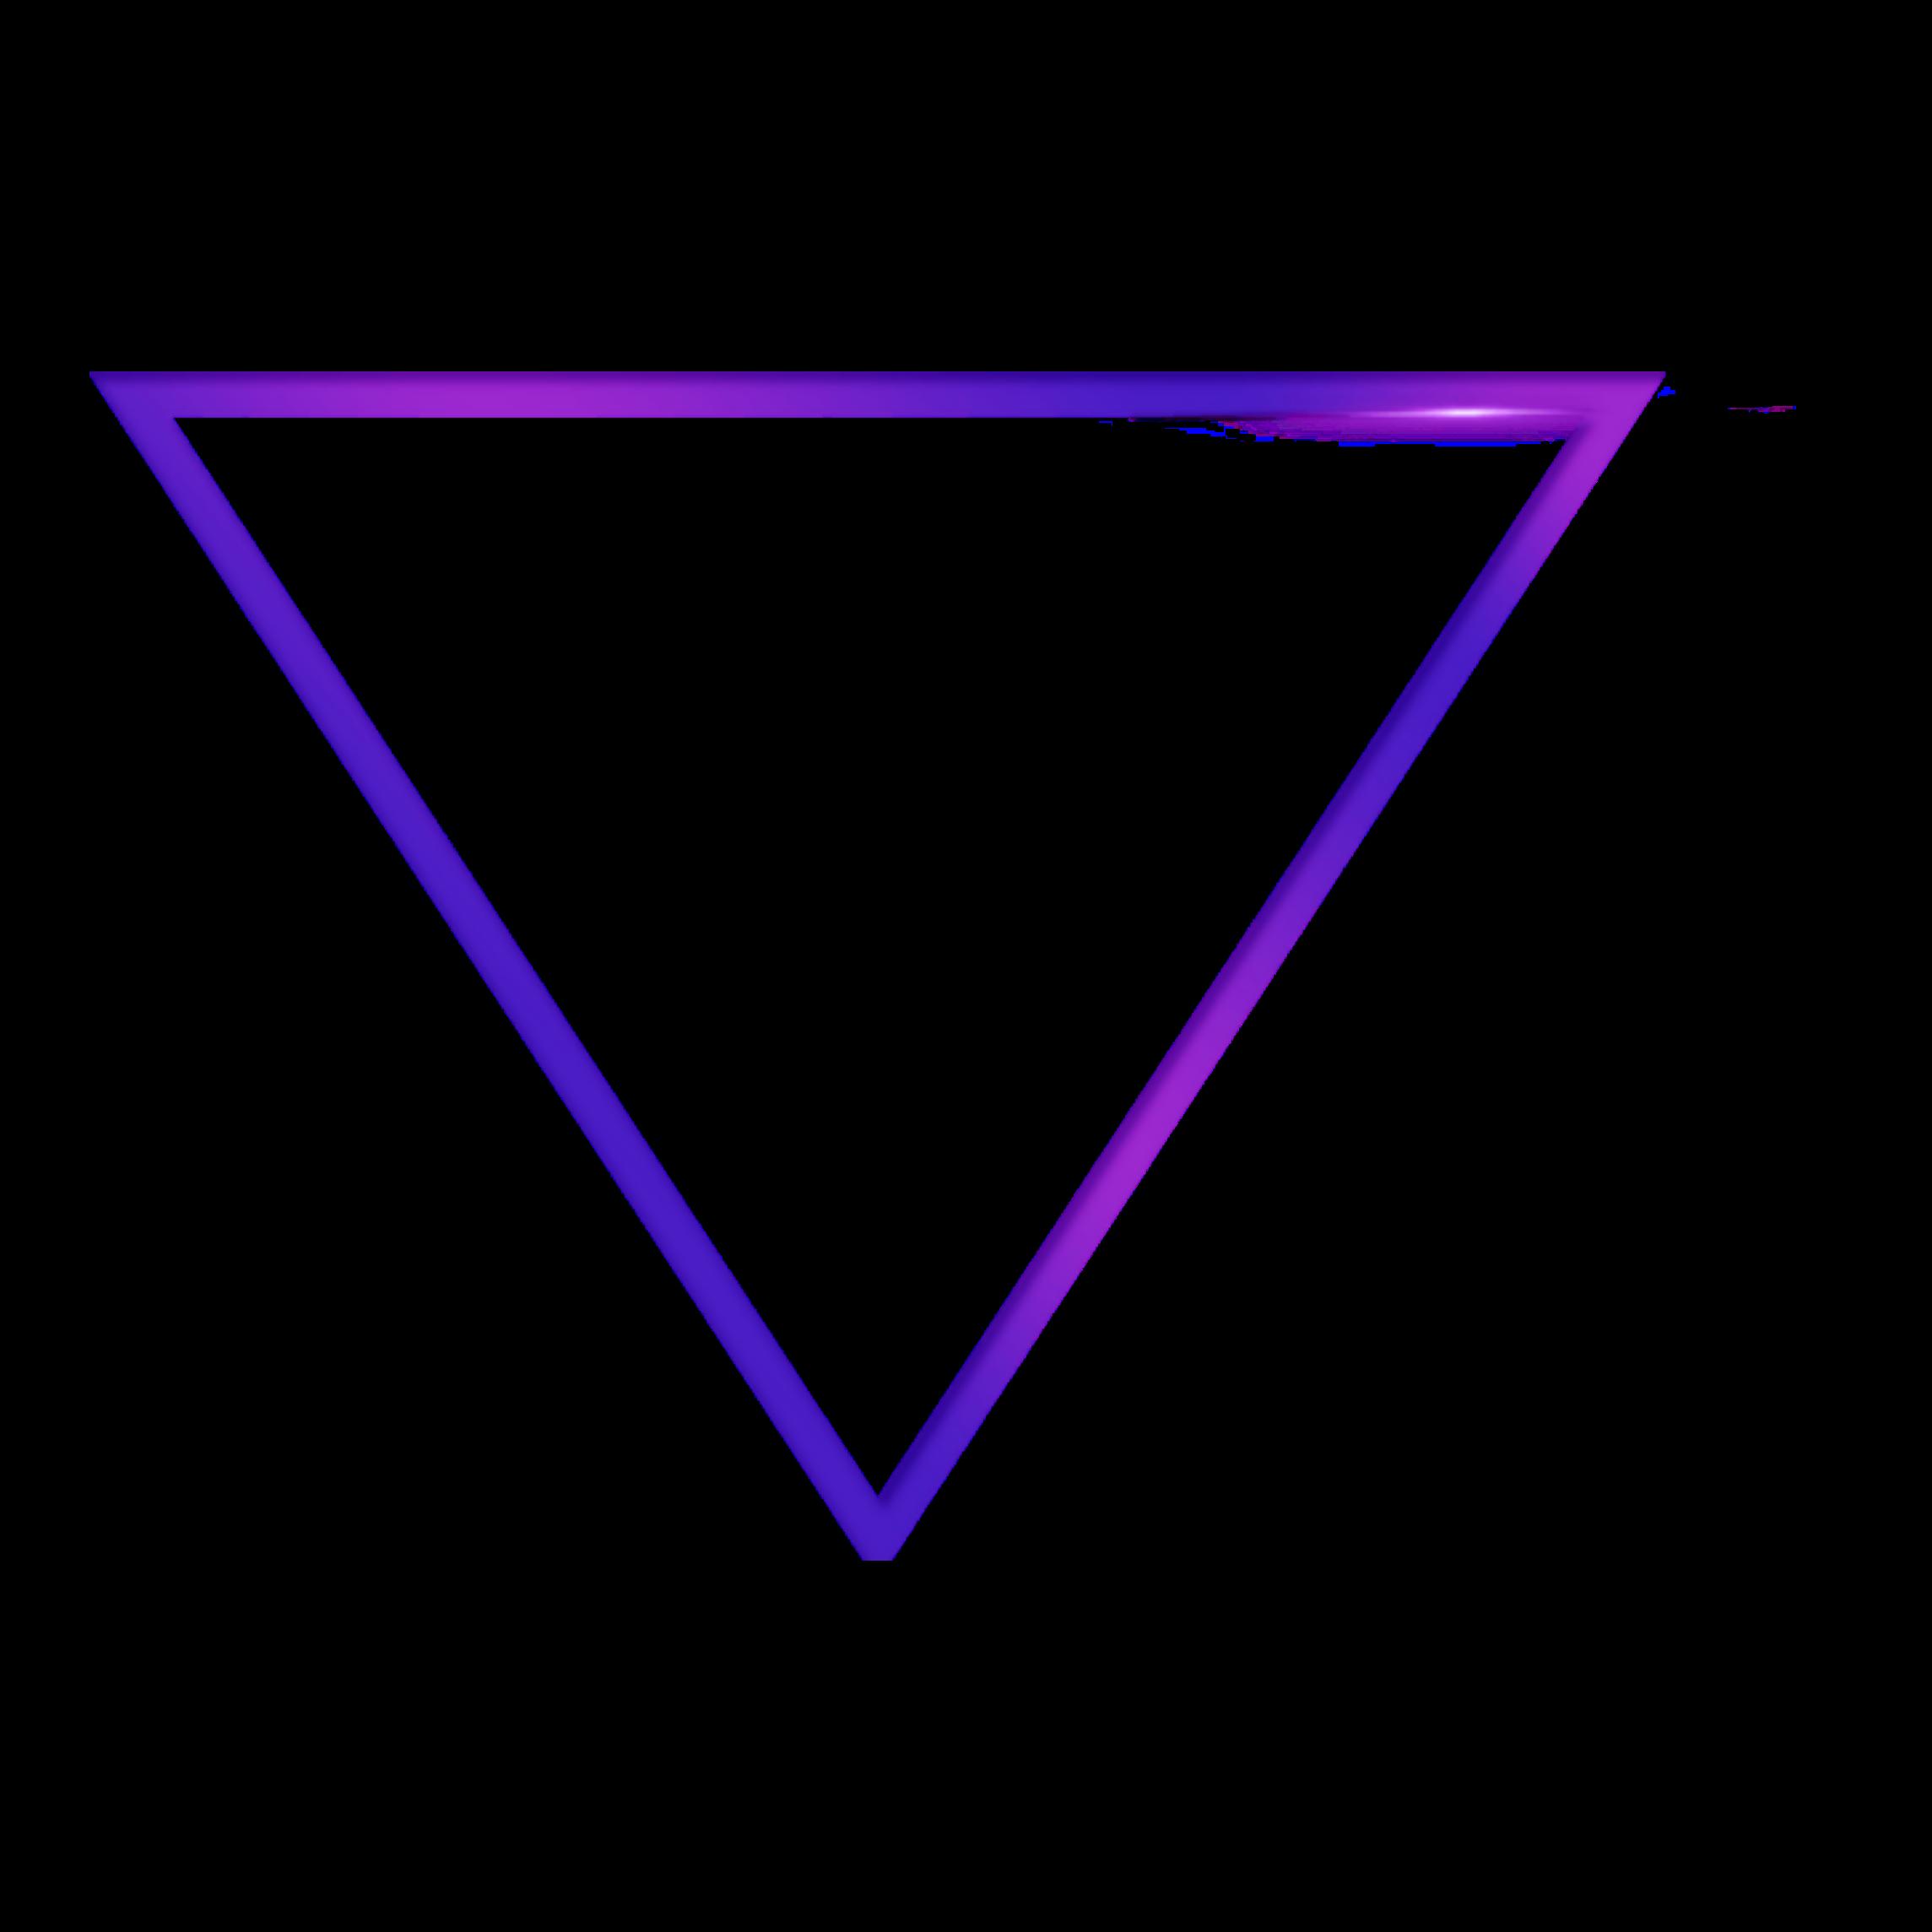 Фиолетовый треугольник Фиолетовые фоны, Треугольники